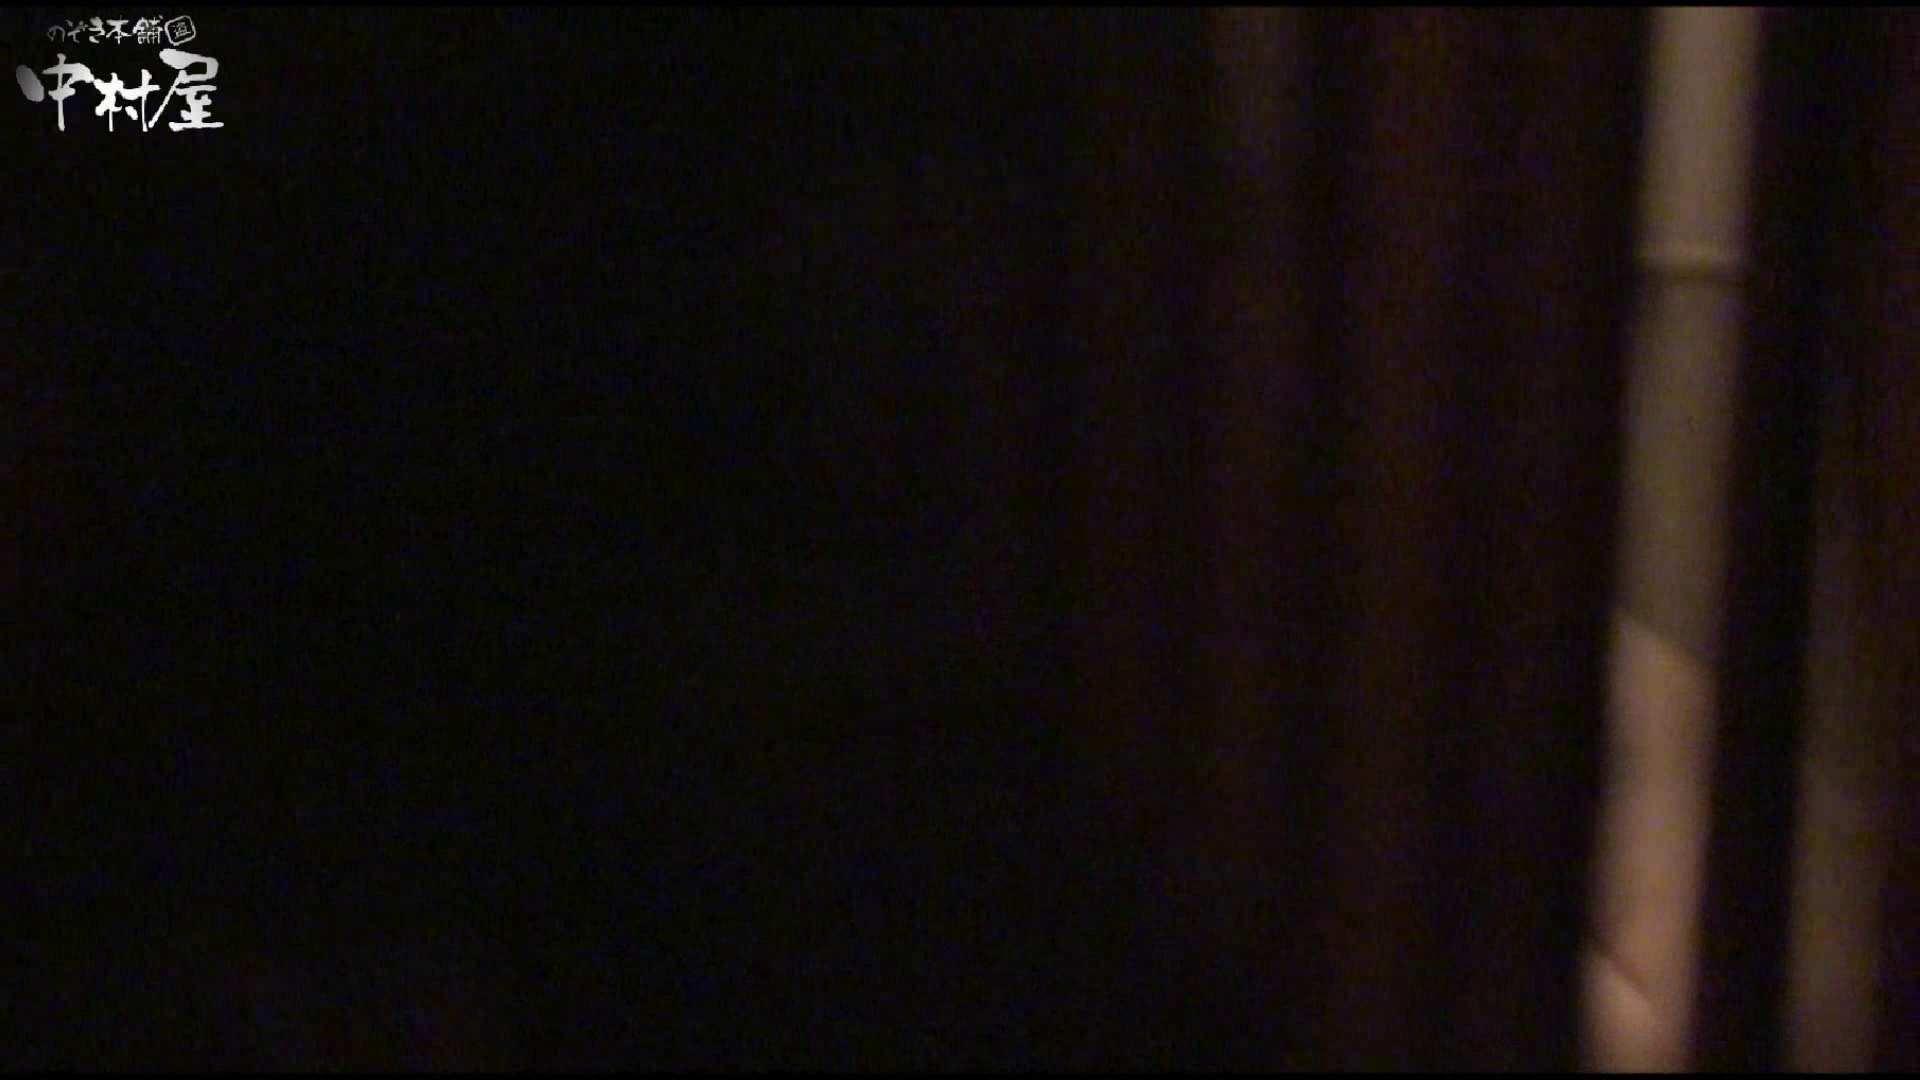 民家風呂専門盗撮師の超危険映像 vol.028 盗撮  97連発 26